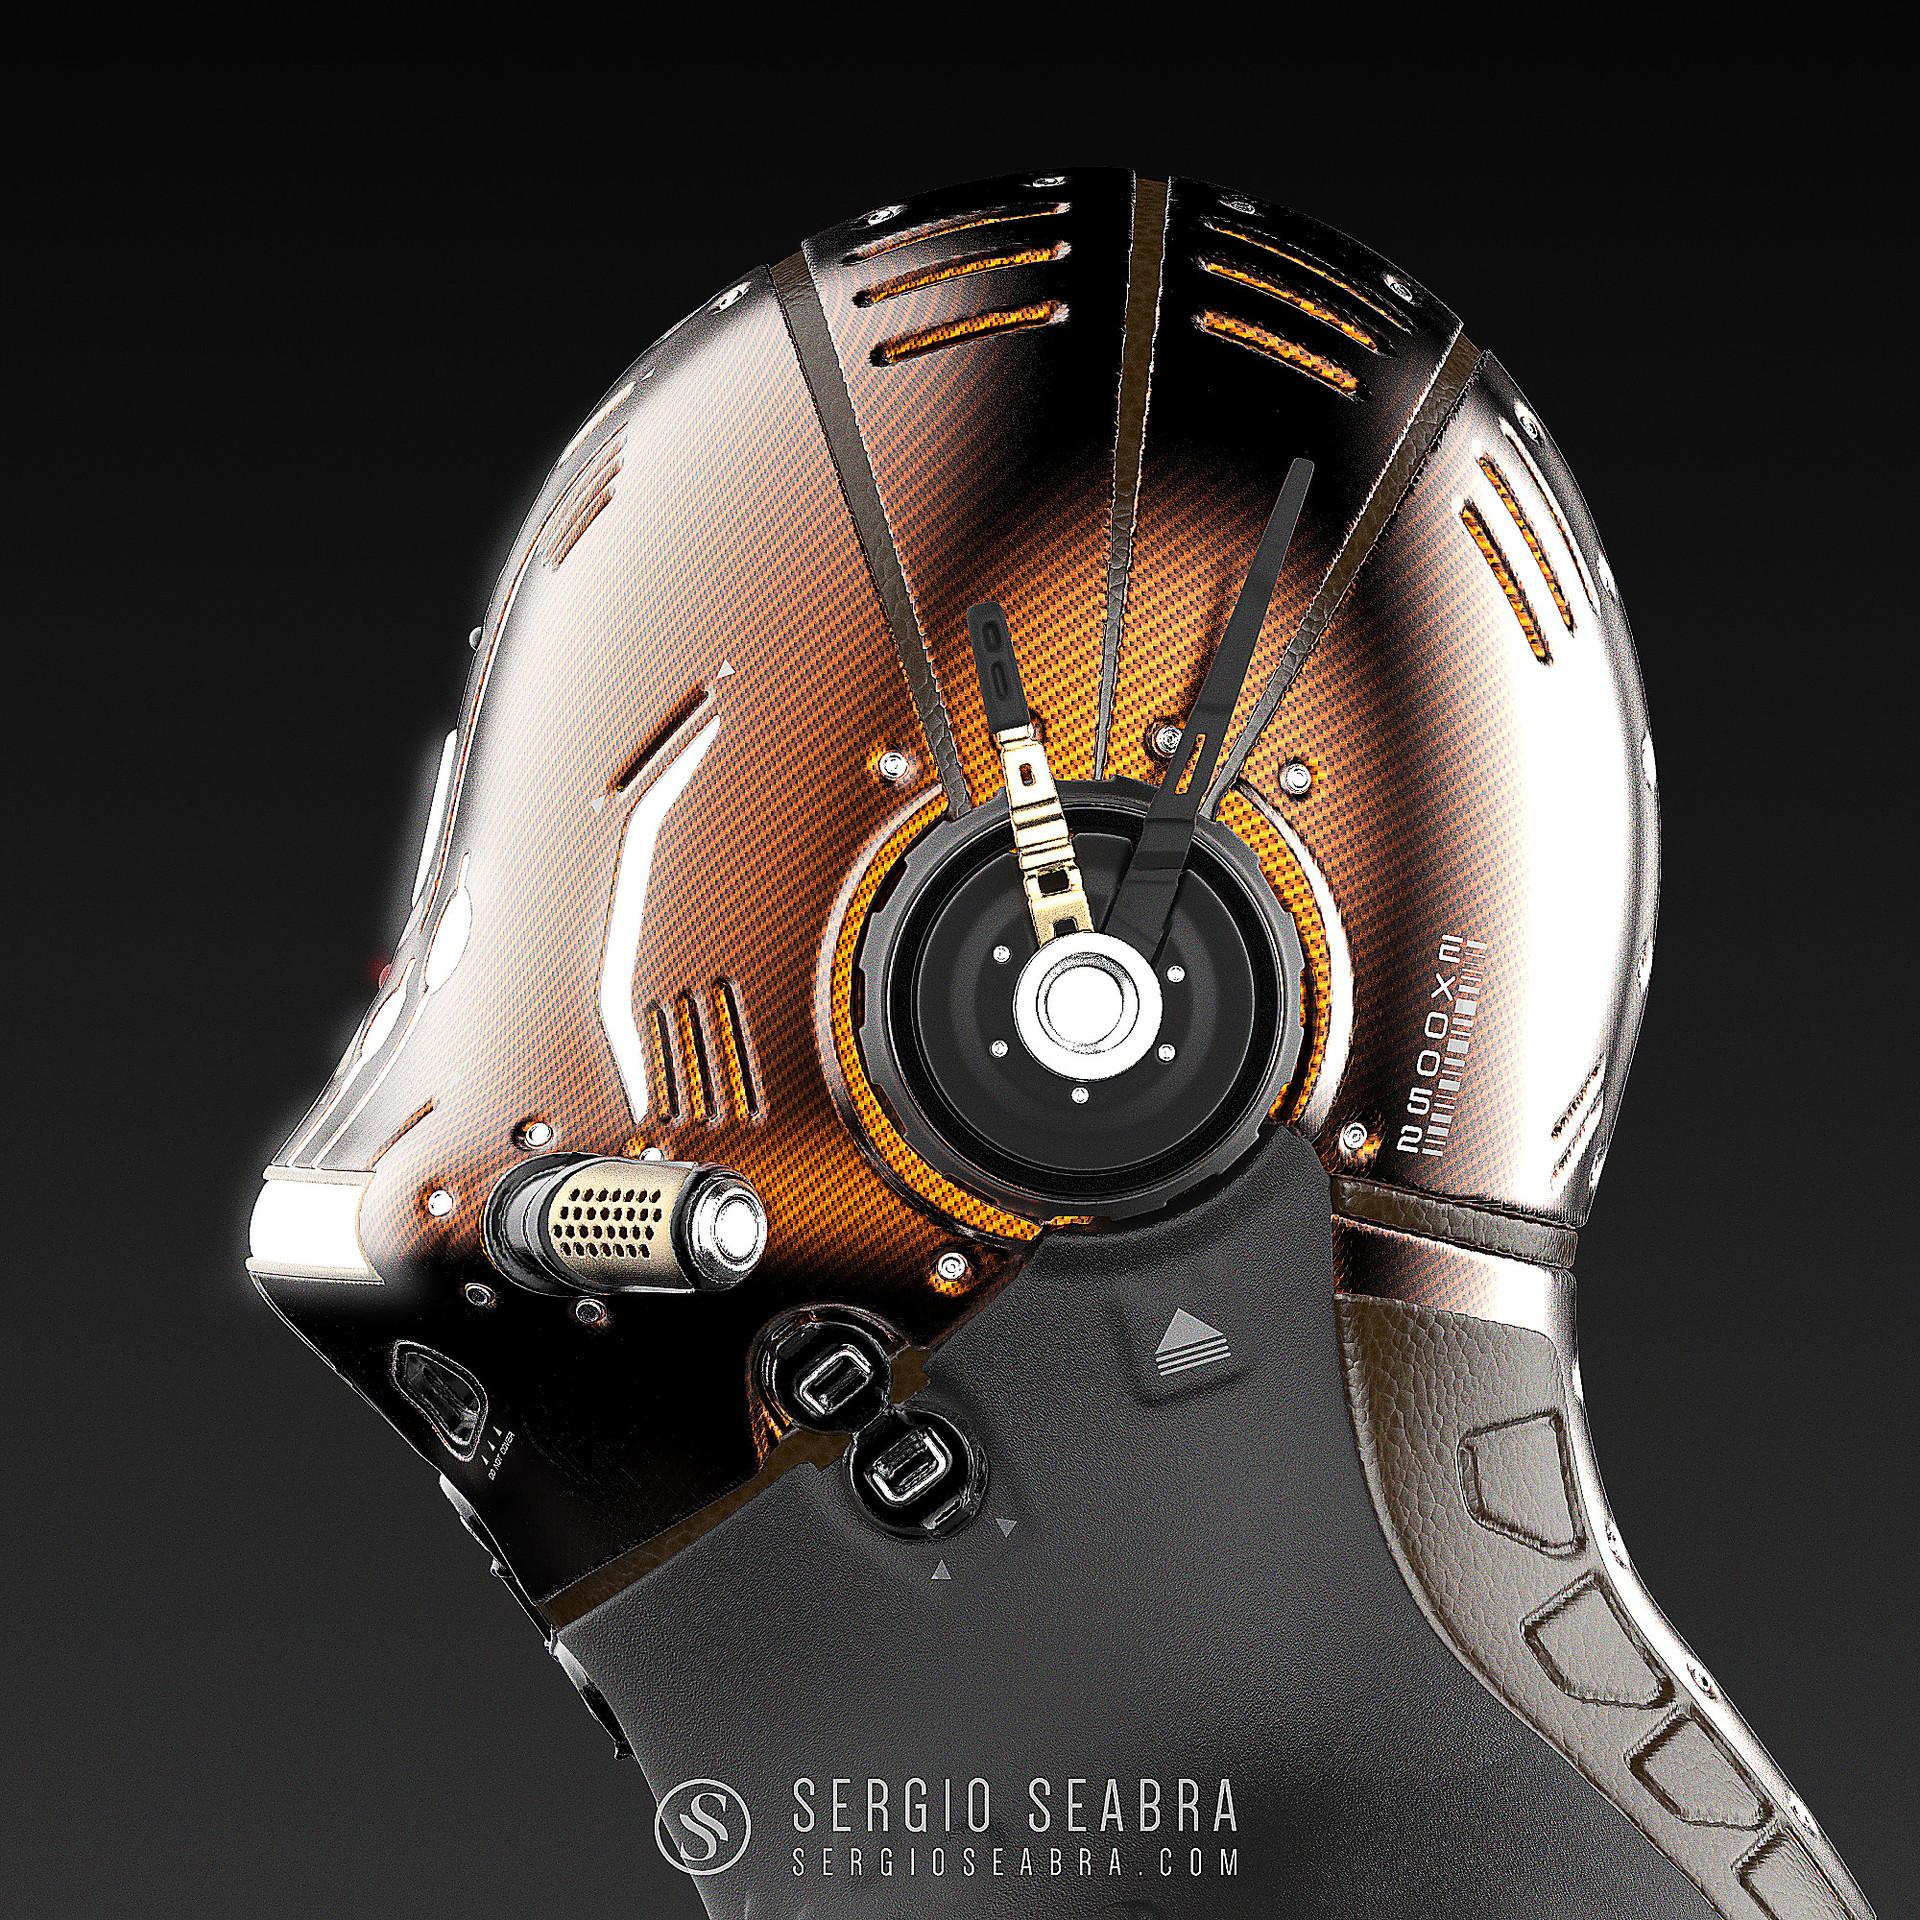 Sergio seabra 20170718 helmet2 layouts3